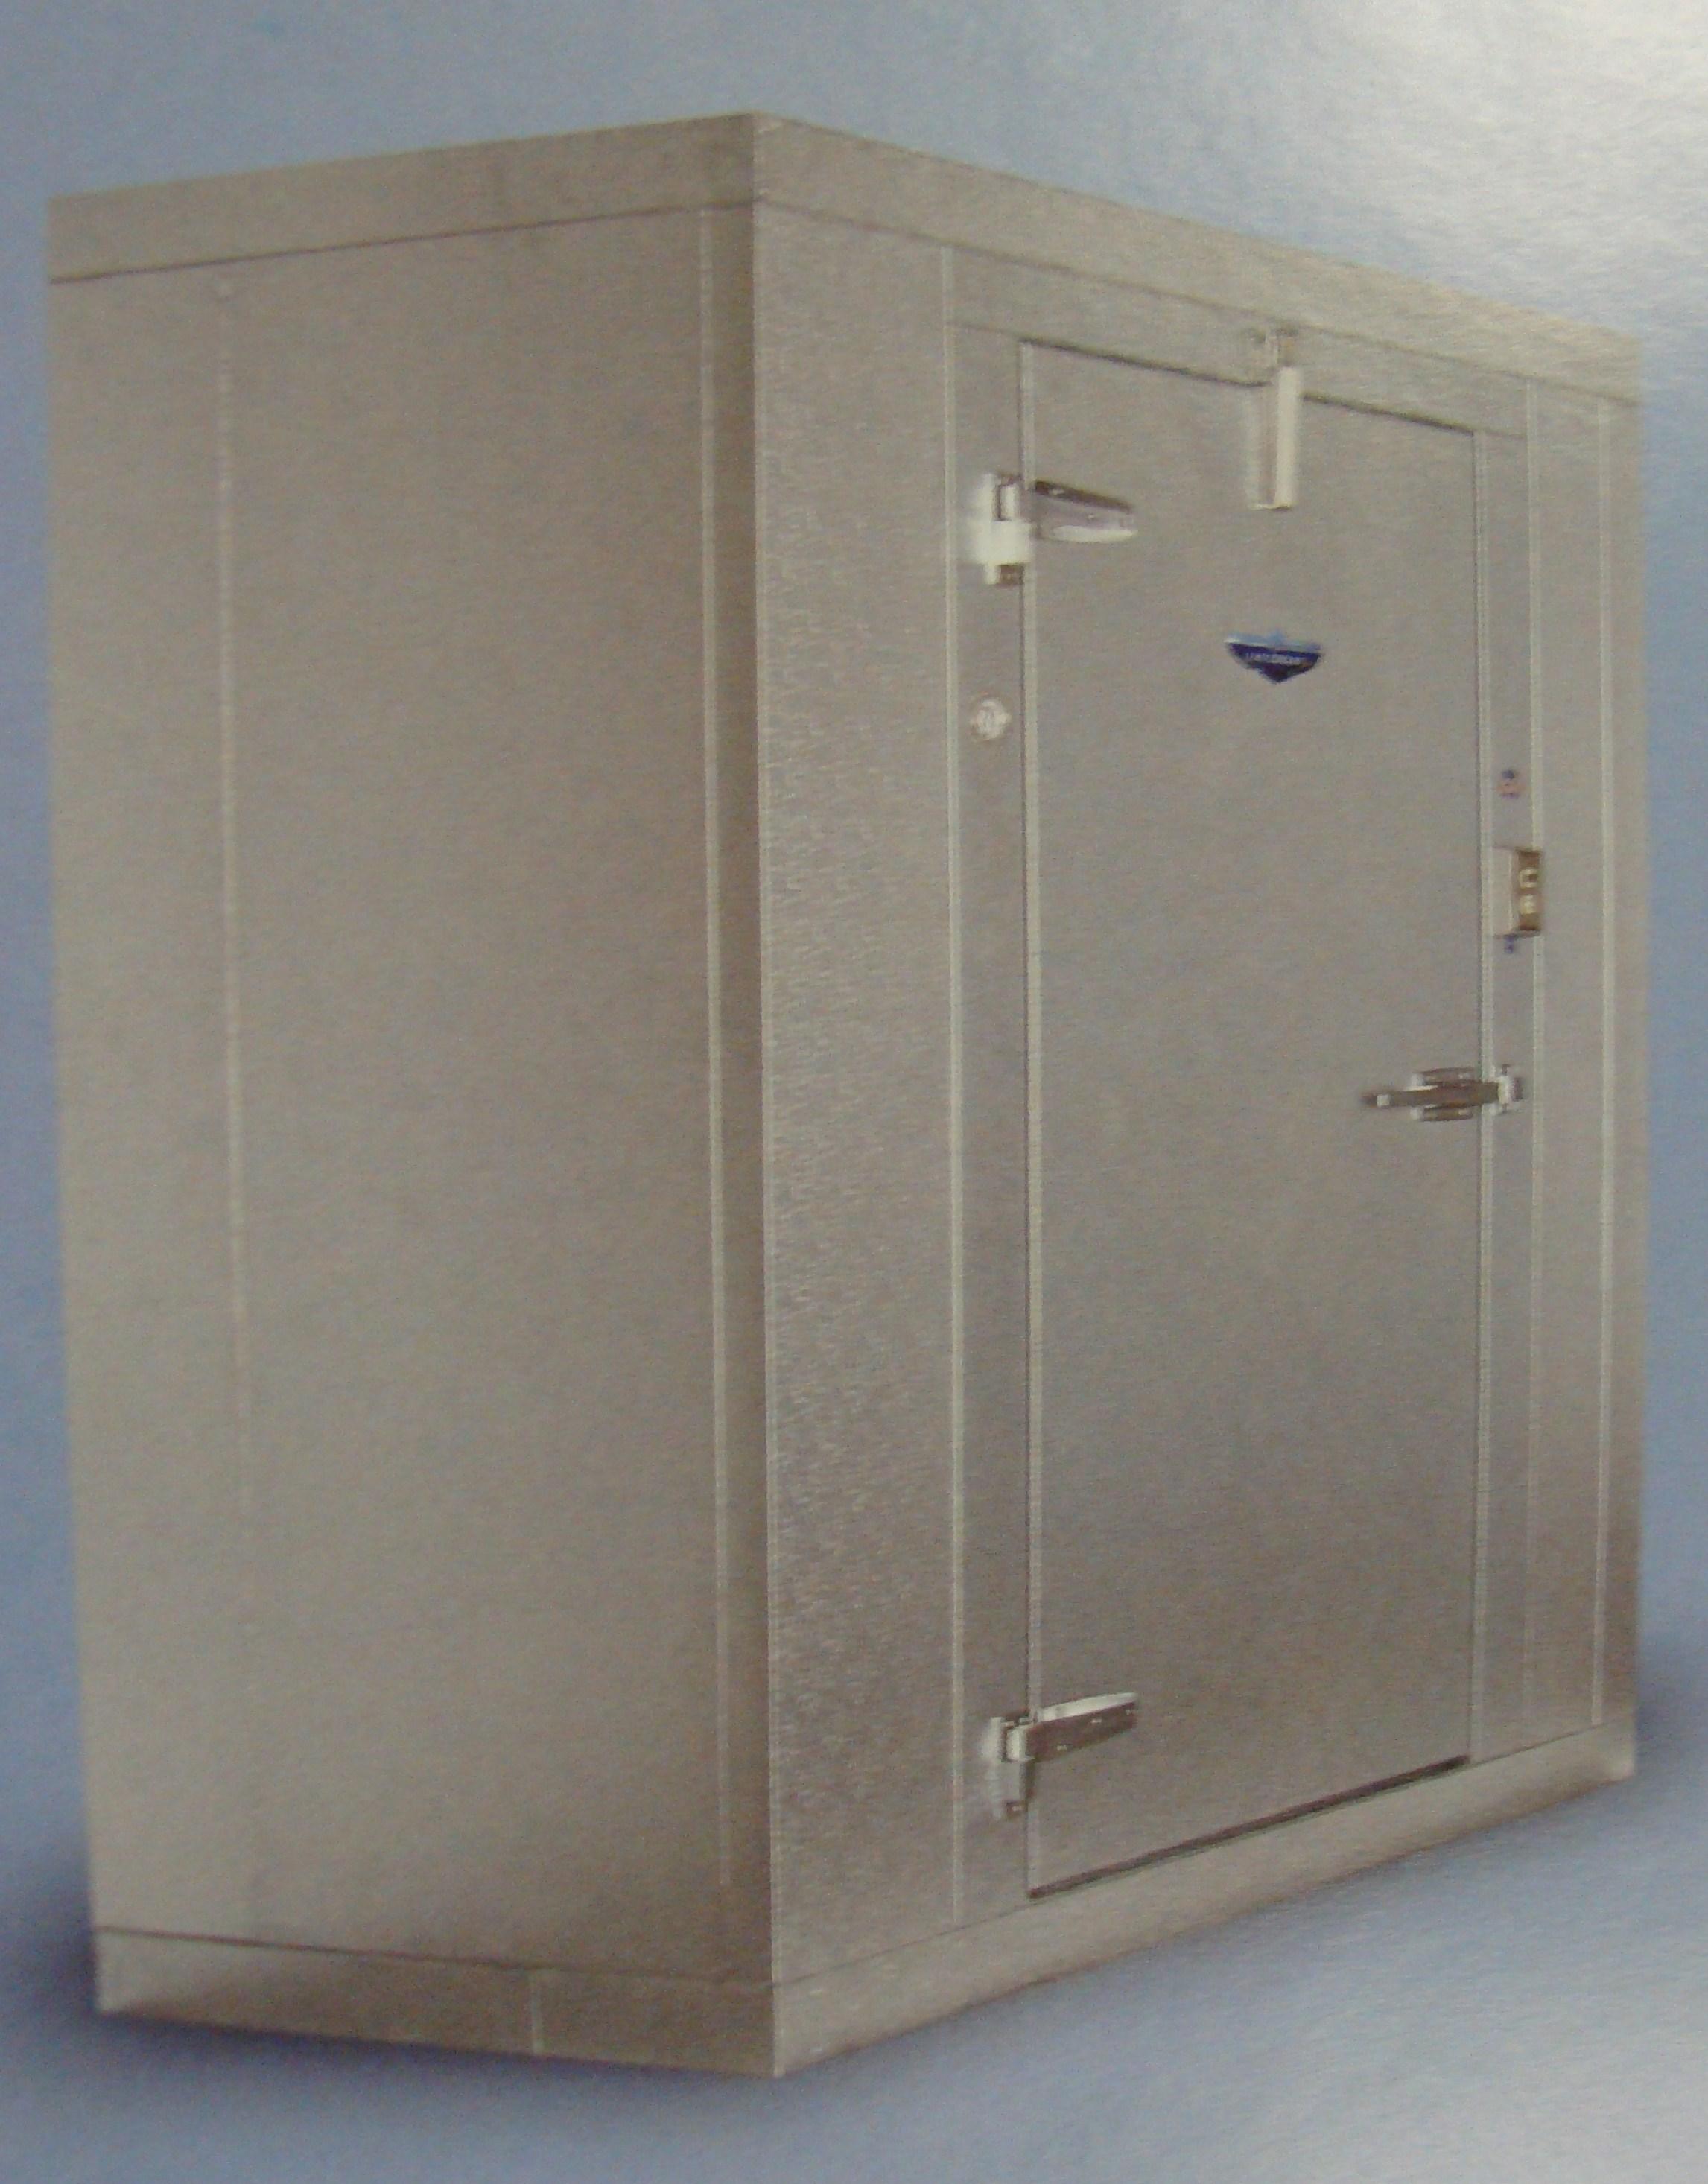 Cincinnati Refrigerator Repair Cincinnati Refrigerator Repair Refrigerator Repair Ideas